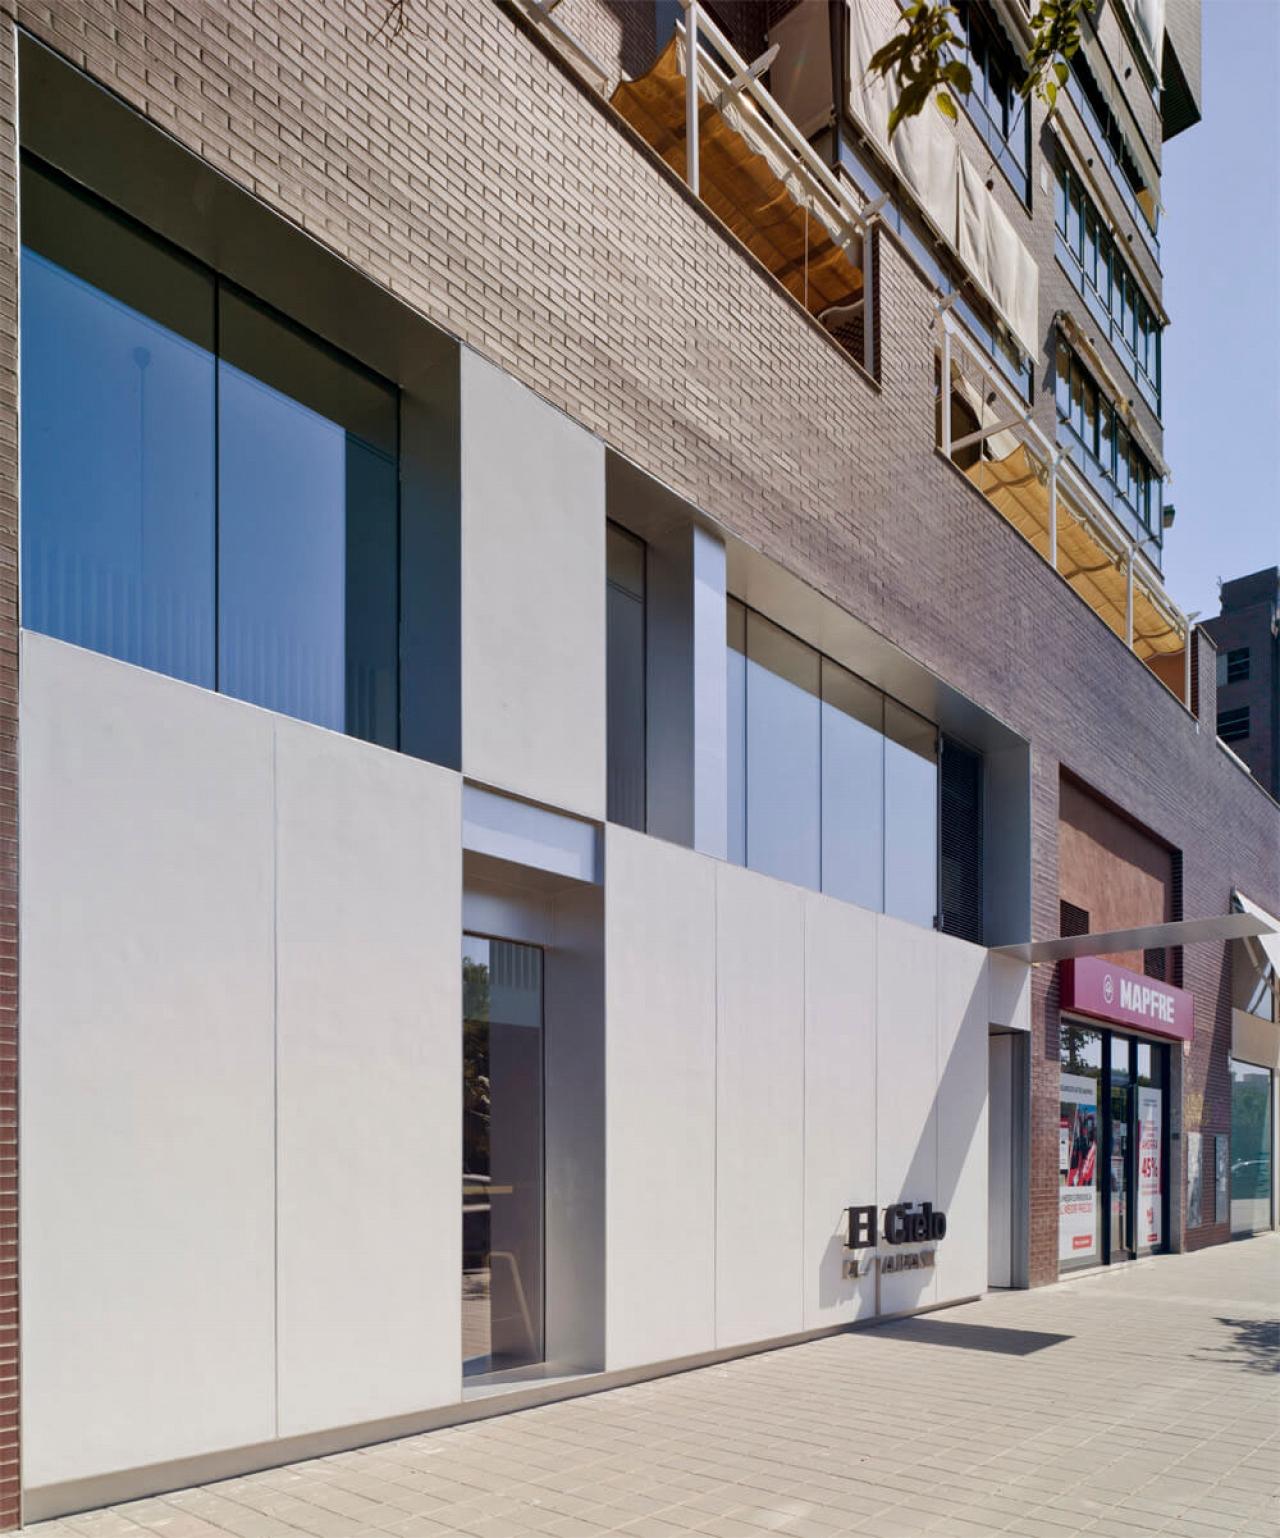 Colegio de arquitectos alicante colegio de arquitectos - Arquitectos en alicante ...